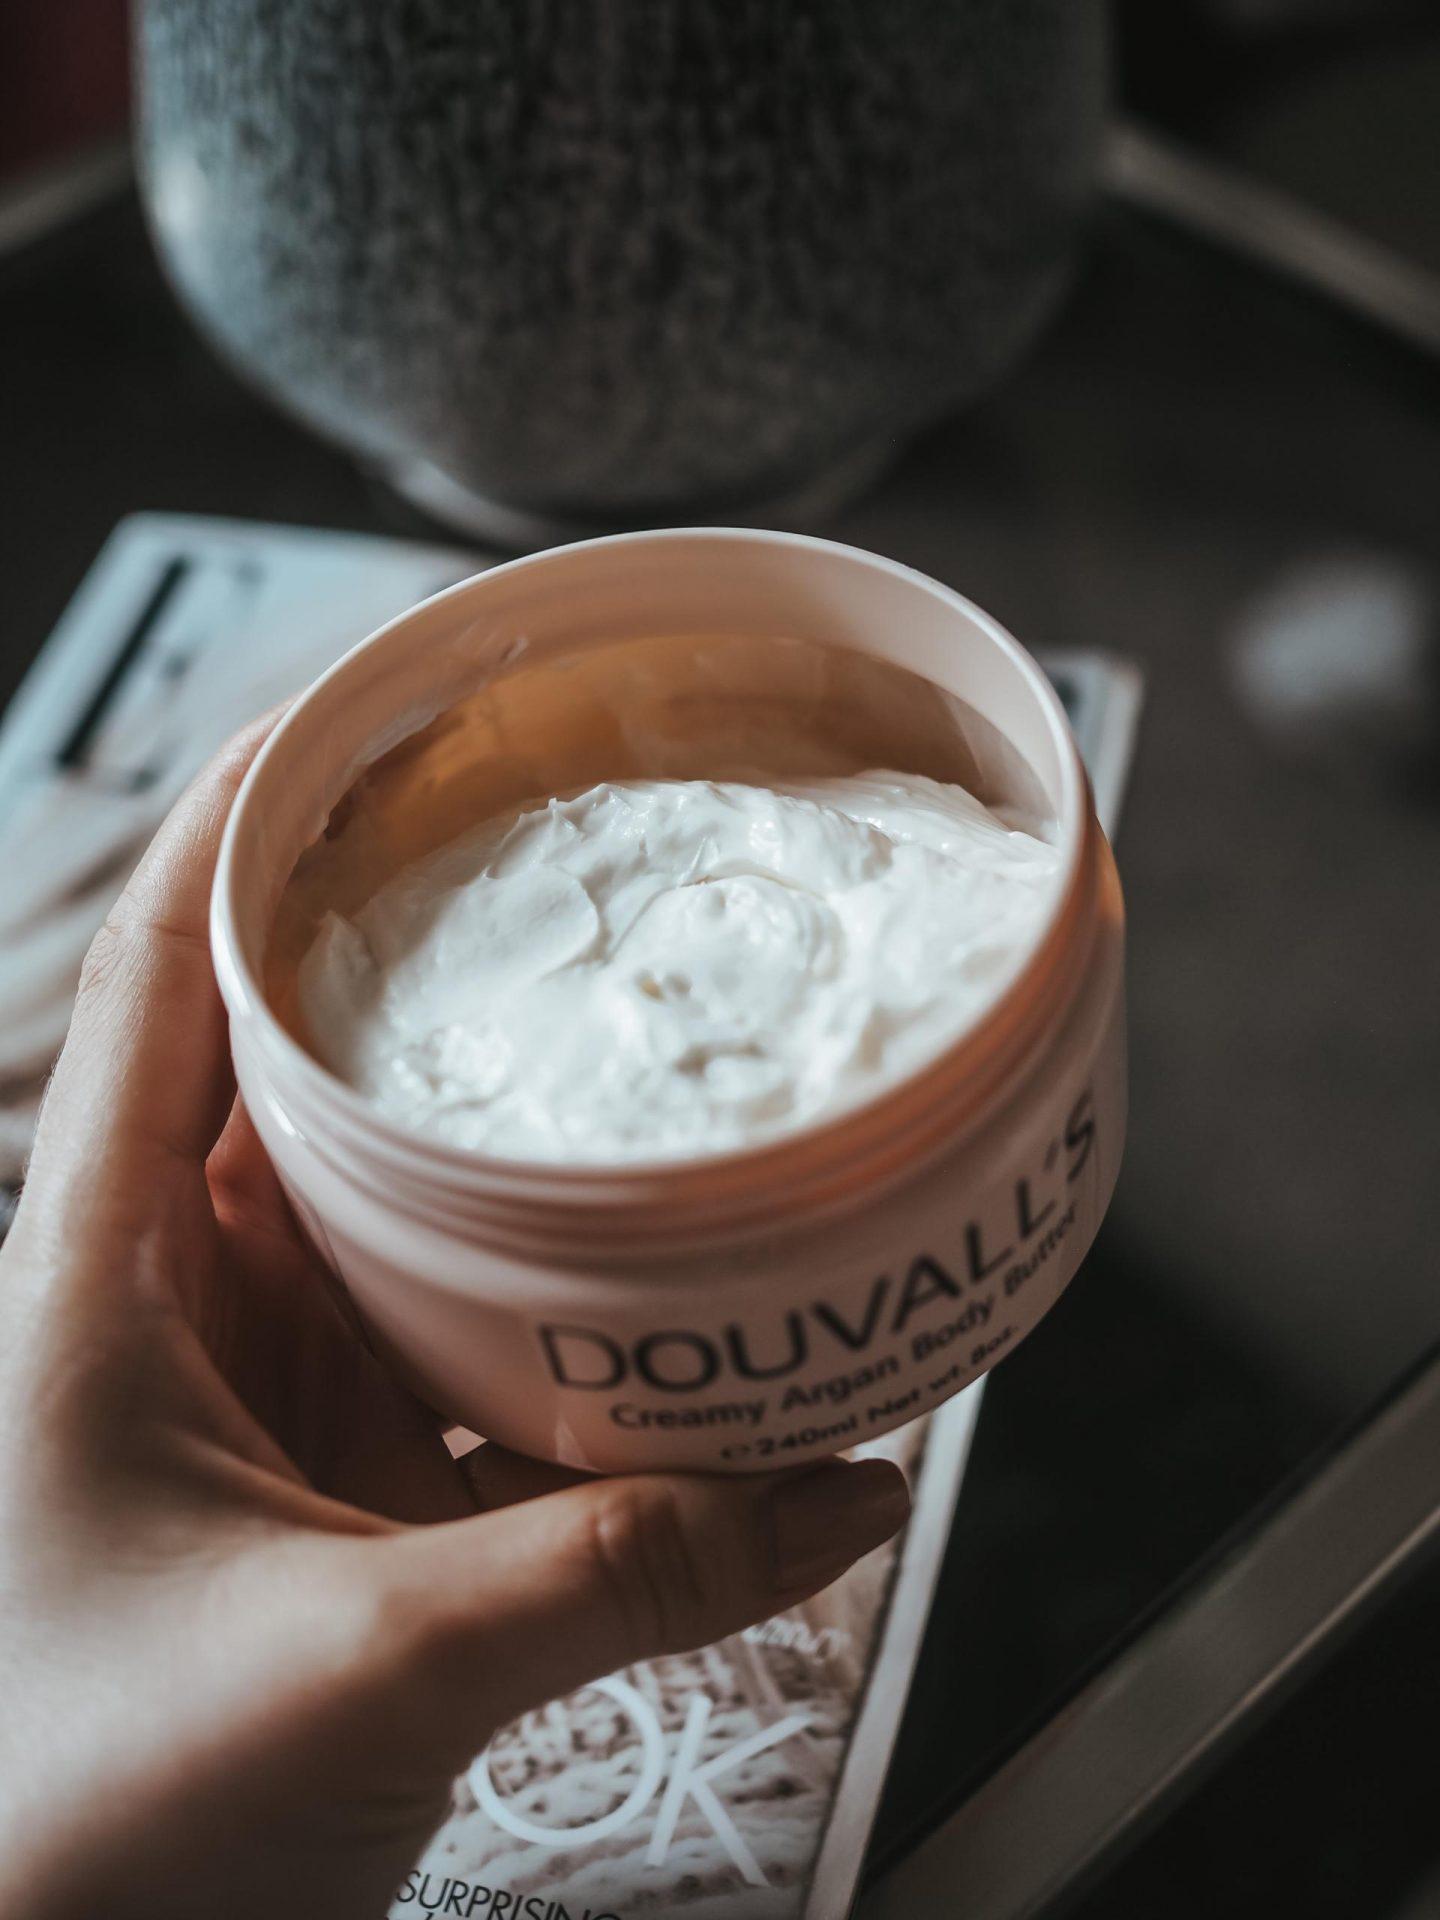 Douvall's Creamy Argan Butter